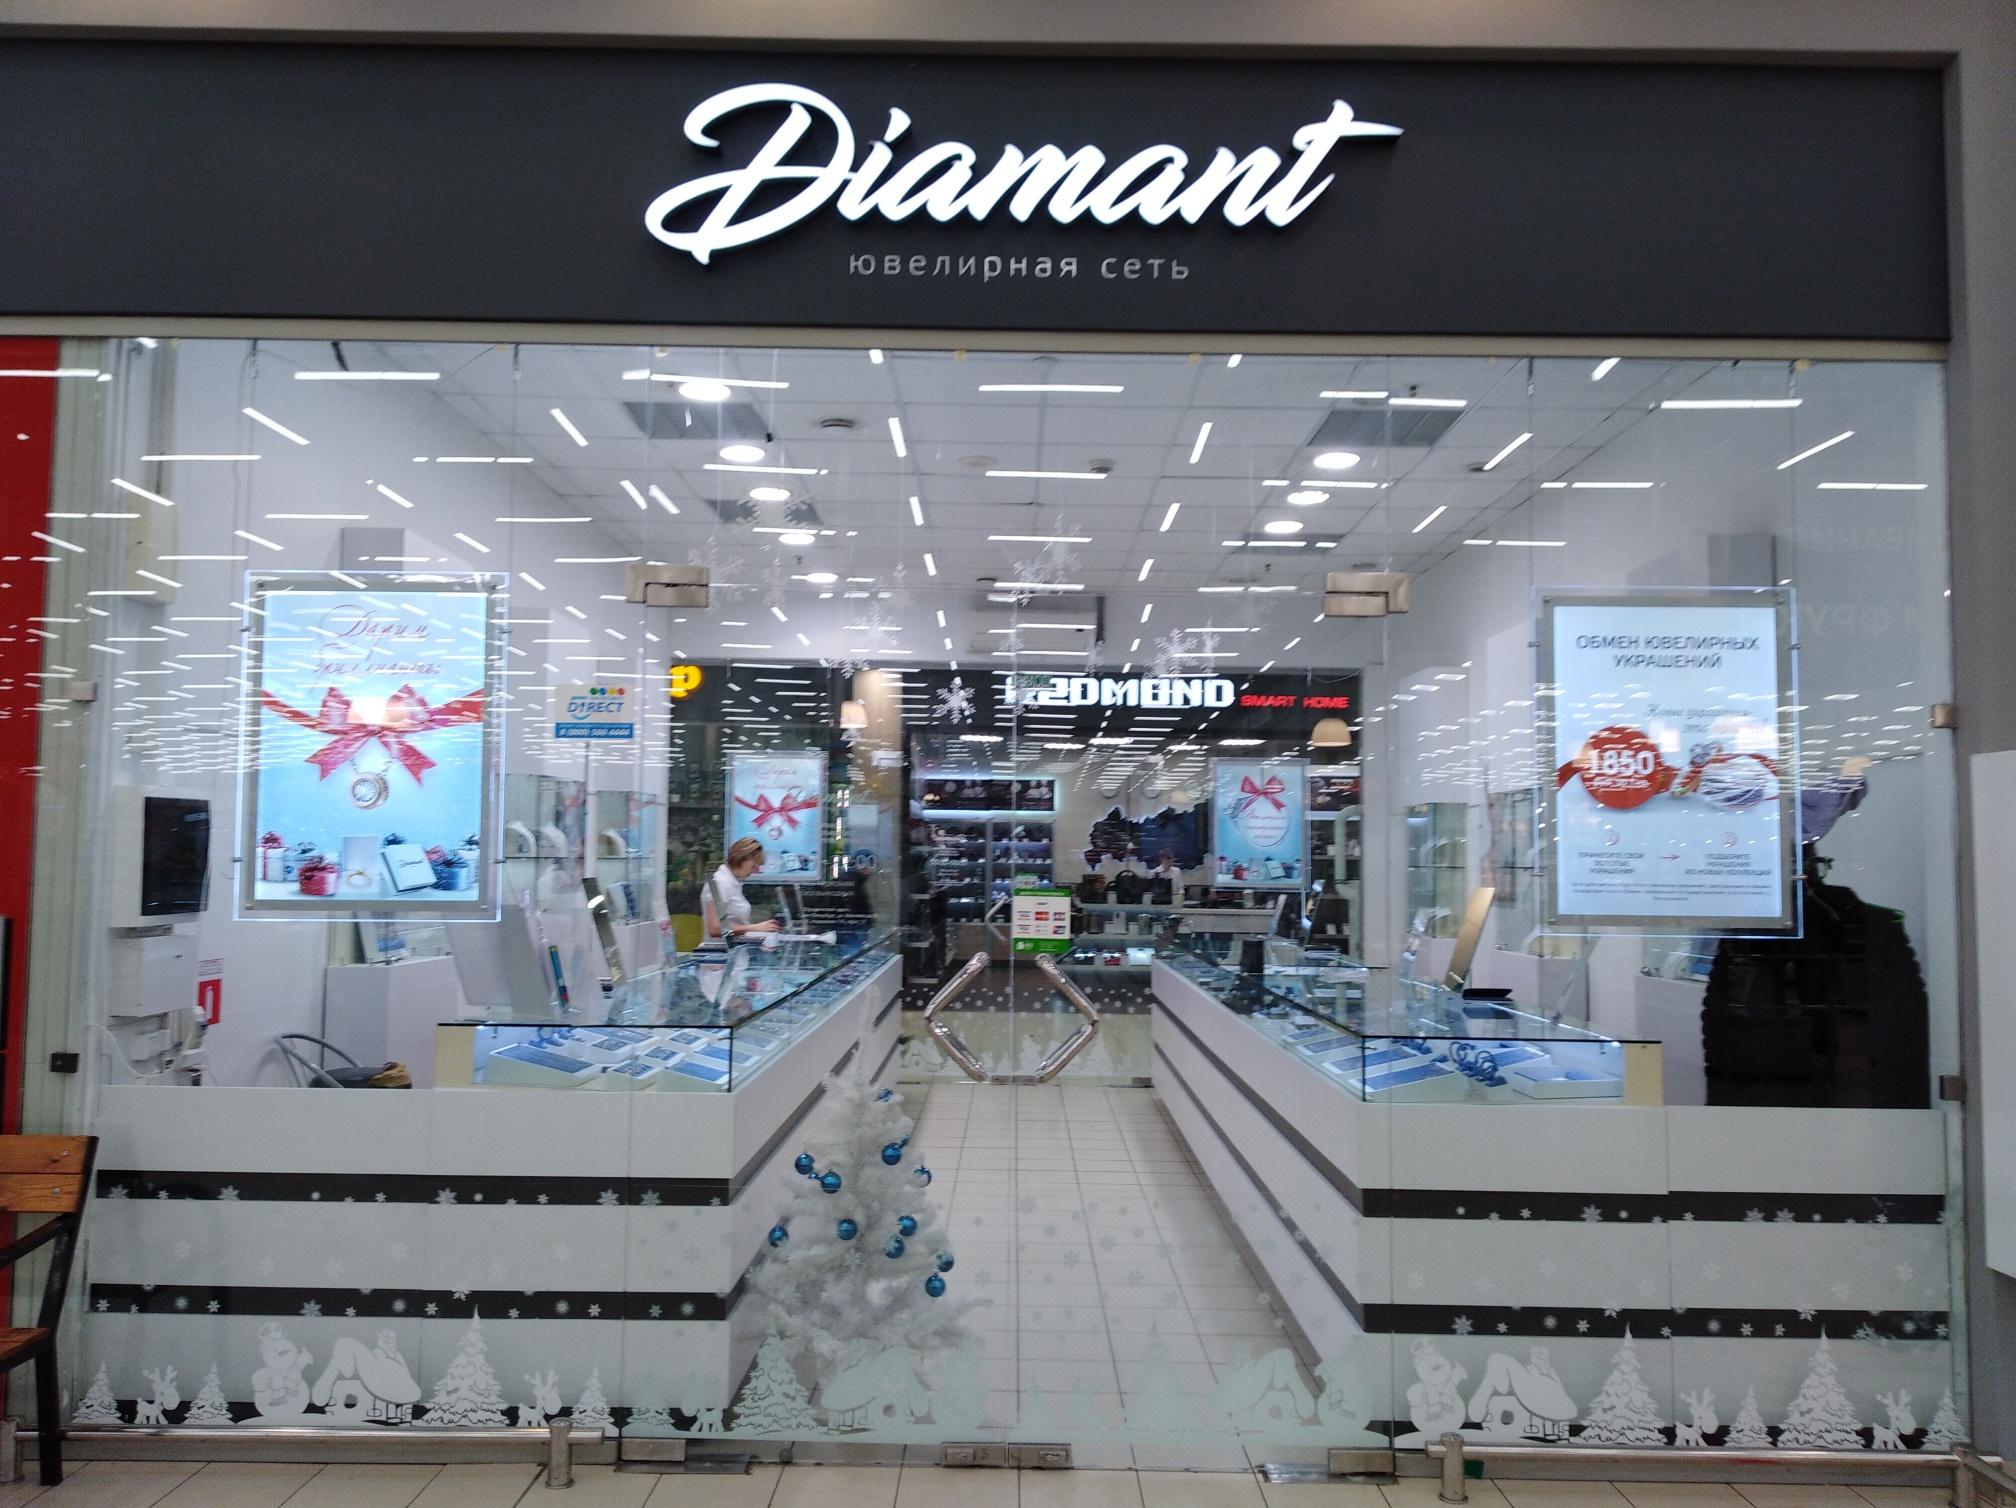 Diamant магазин расположен в ТК Электра в Санкт-Петербурге